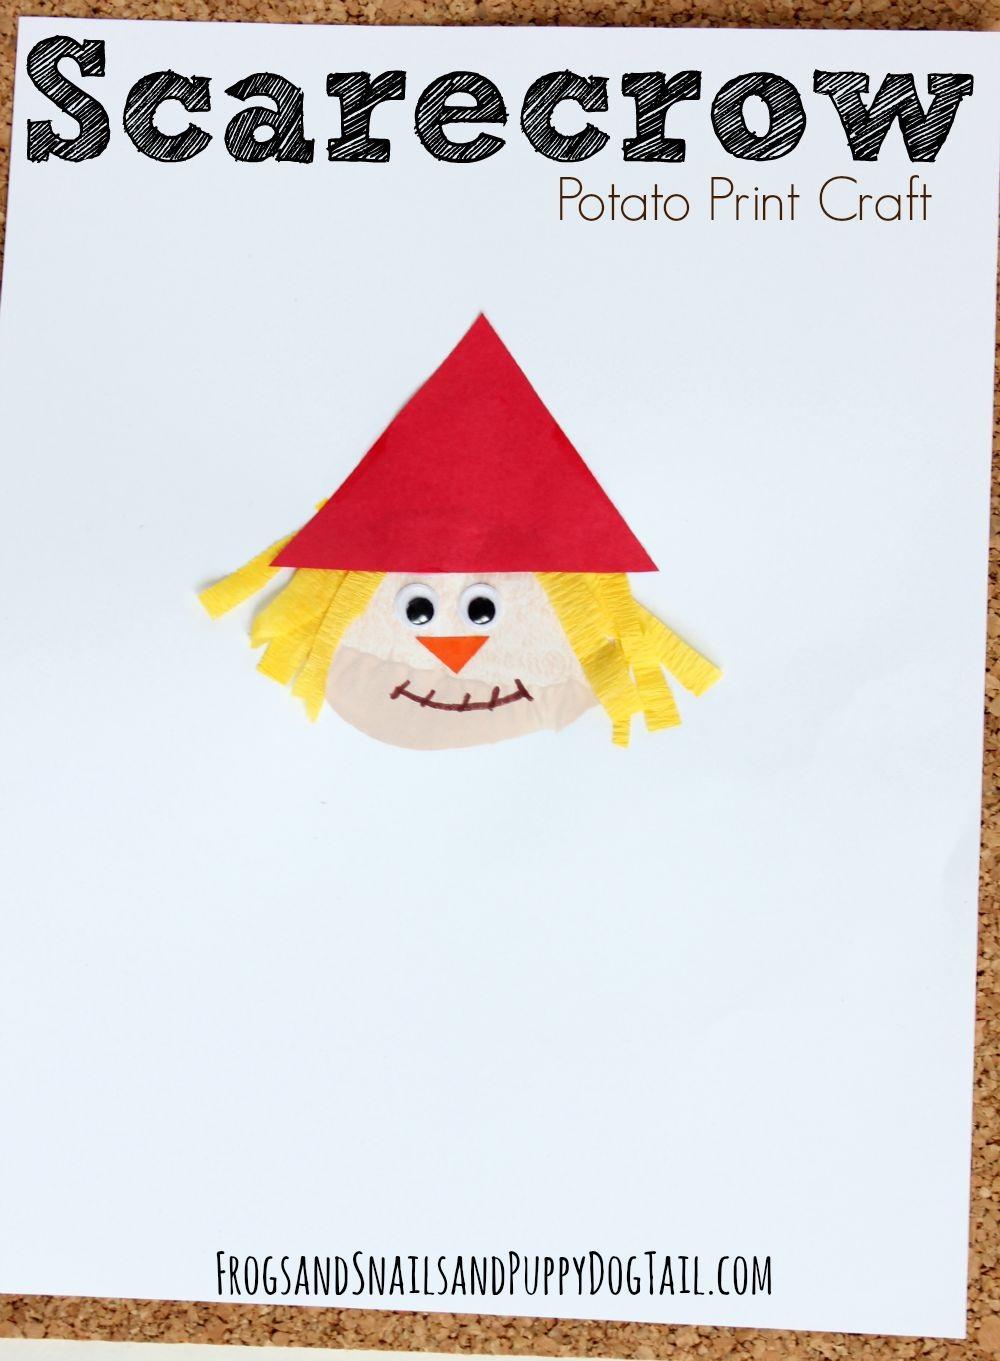 Scarecrow Potato Print Craft